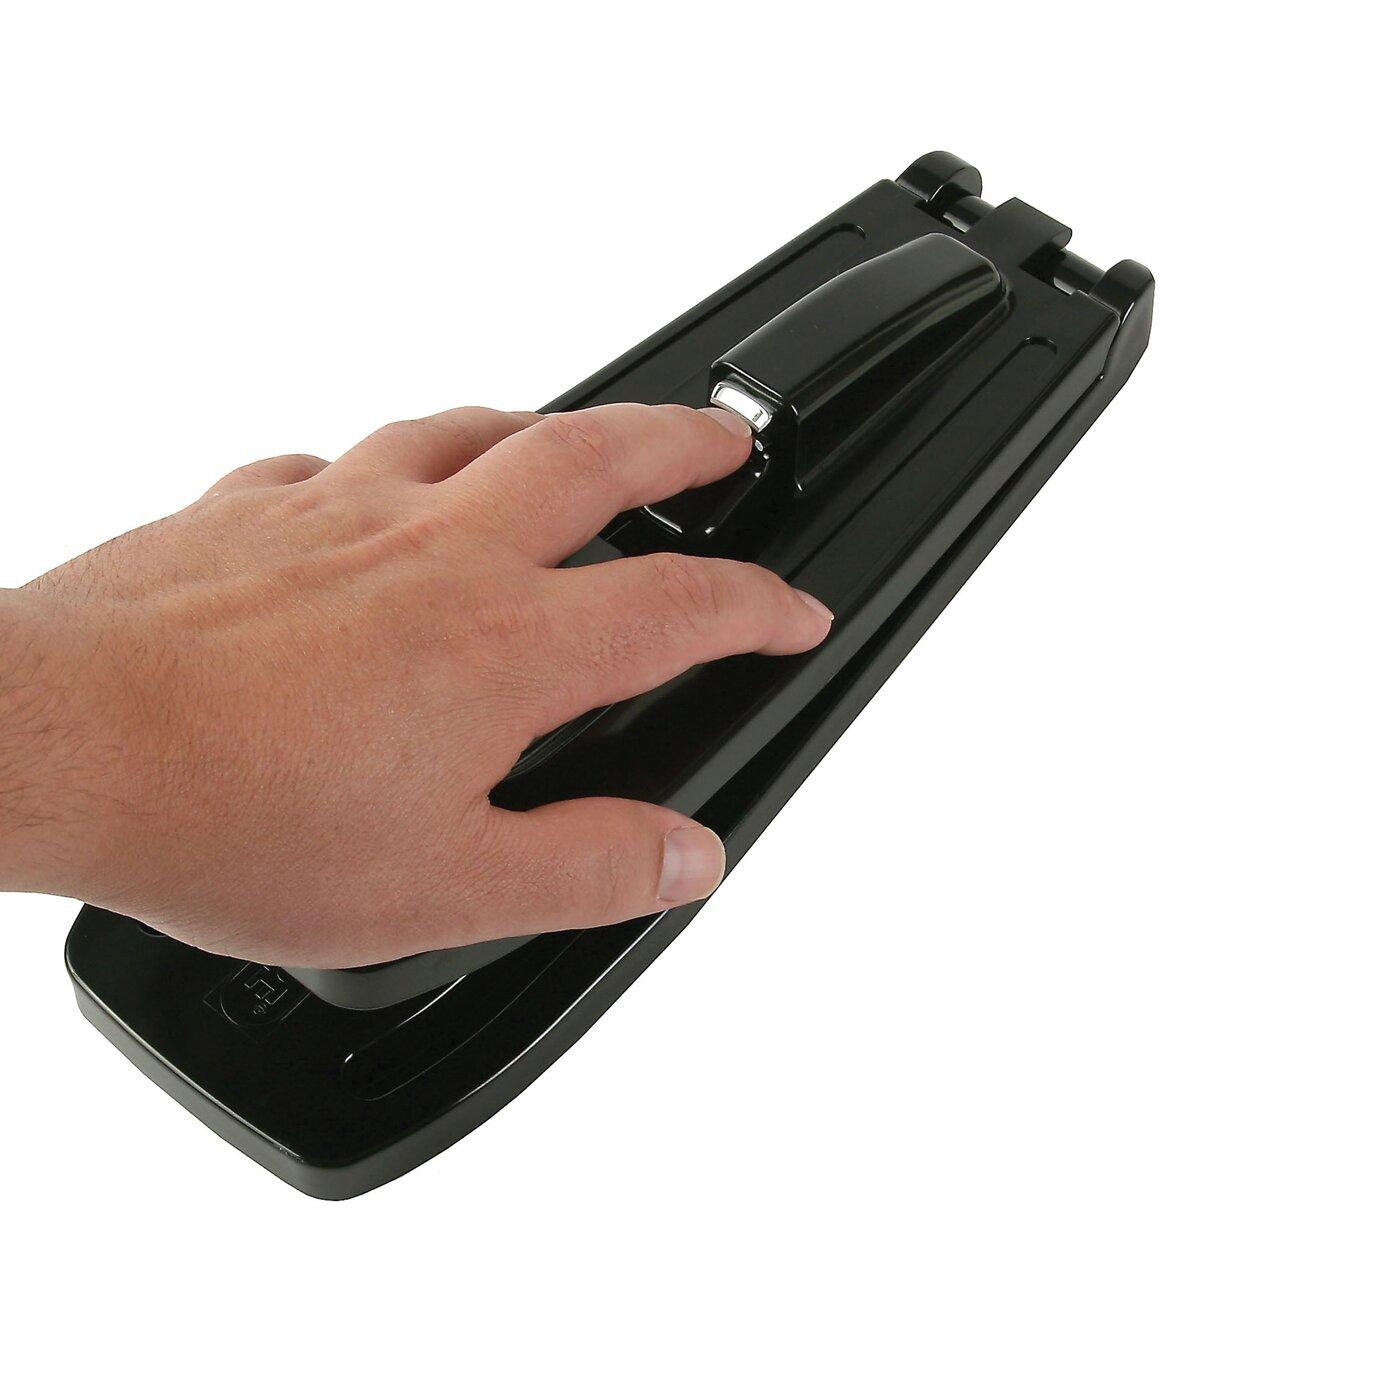 Nail Clipper Task Aid